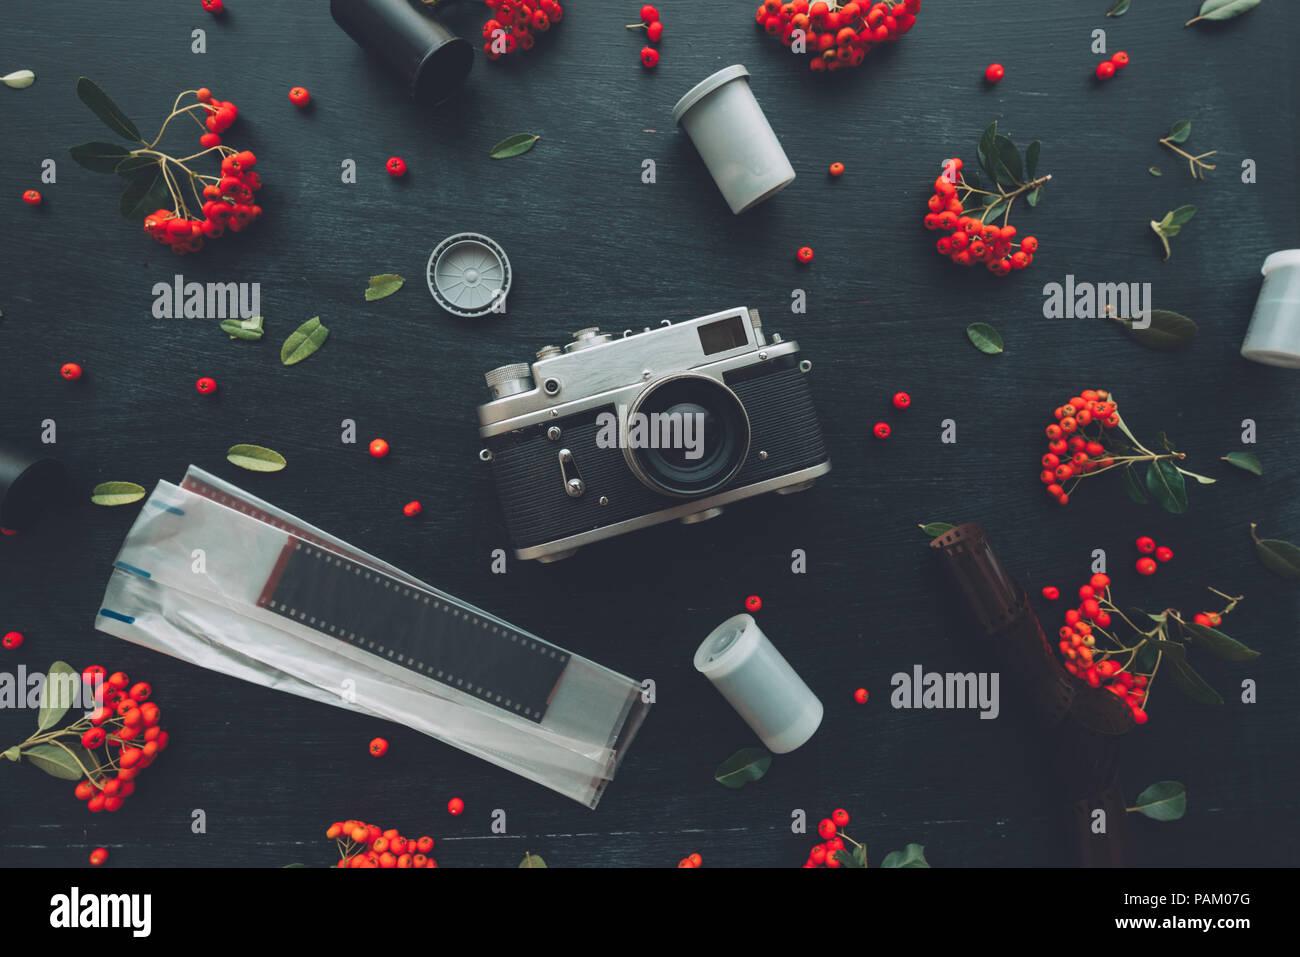 Flach hipster style Old vintage Fotografie Kamera auf dunklem Hintergrund mit Blumenschmuck Stockfoto